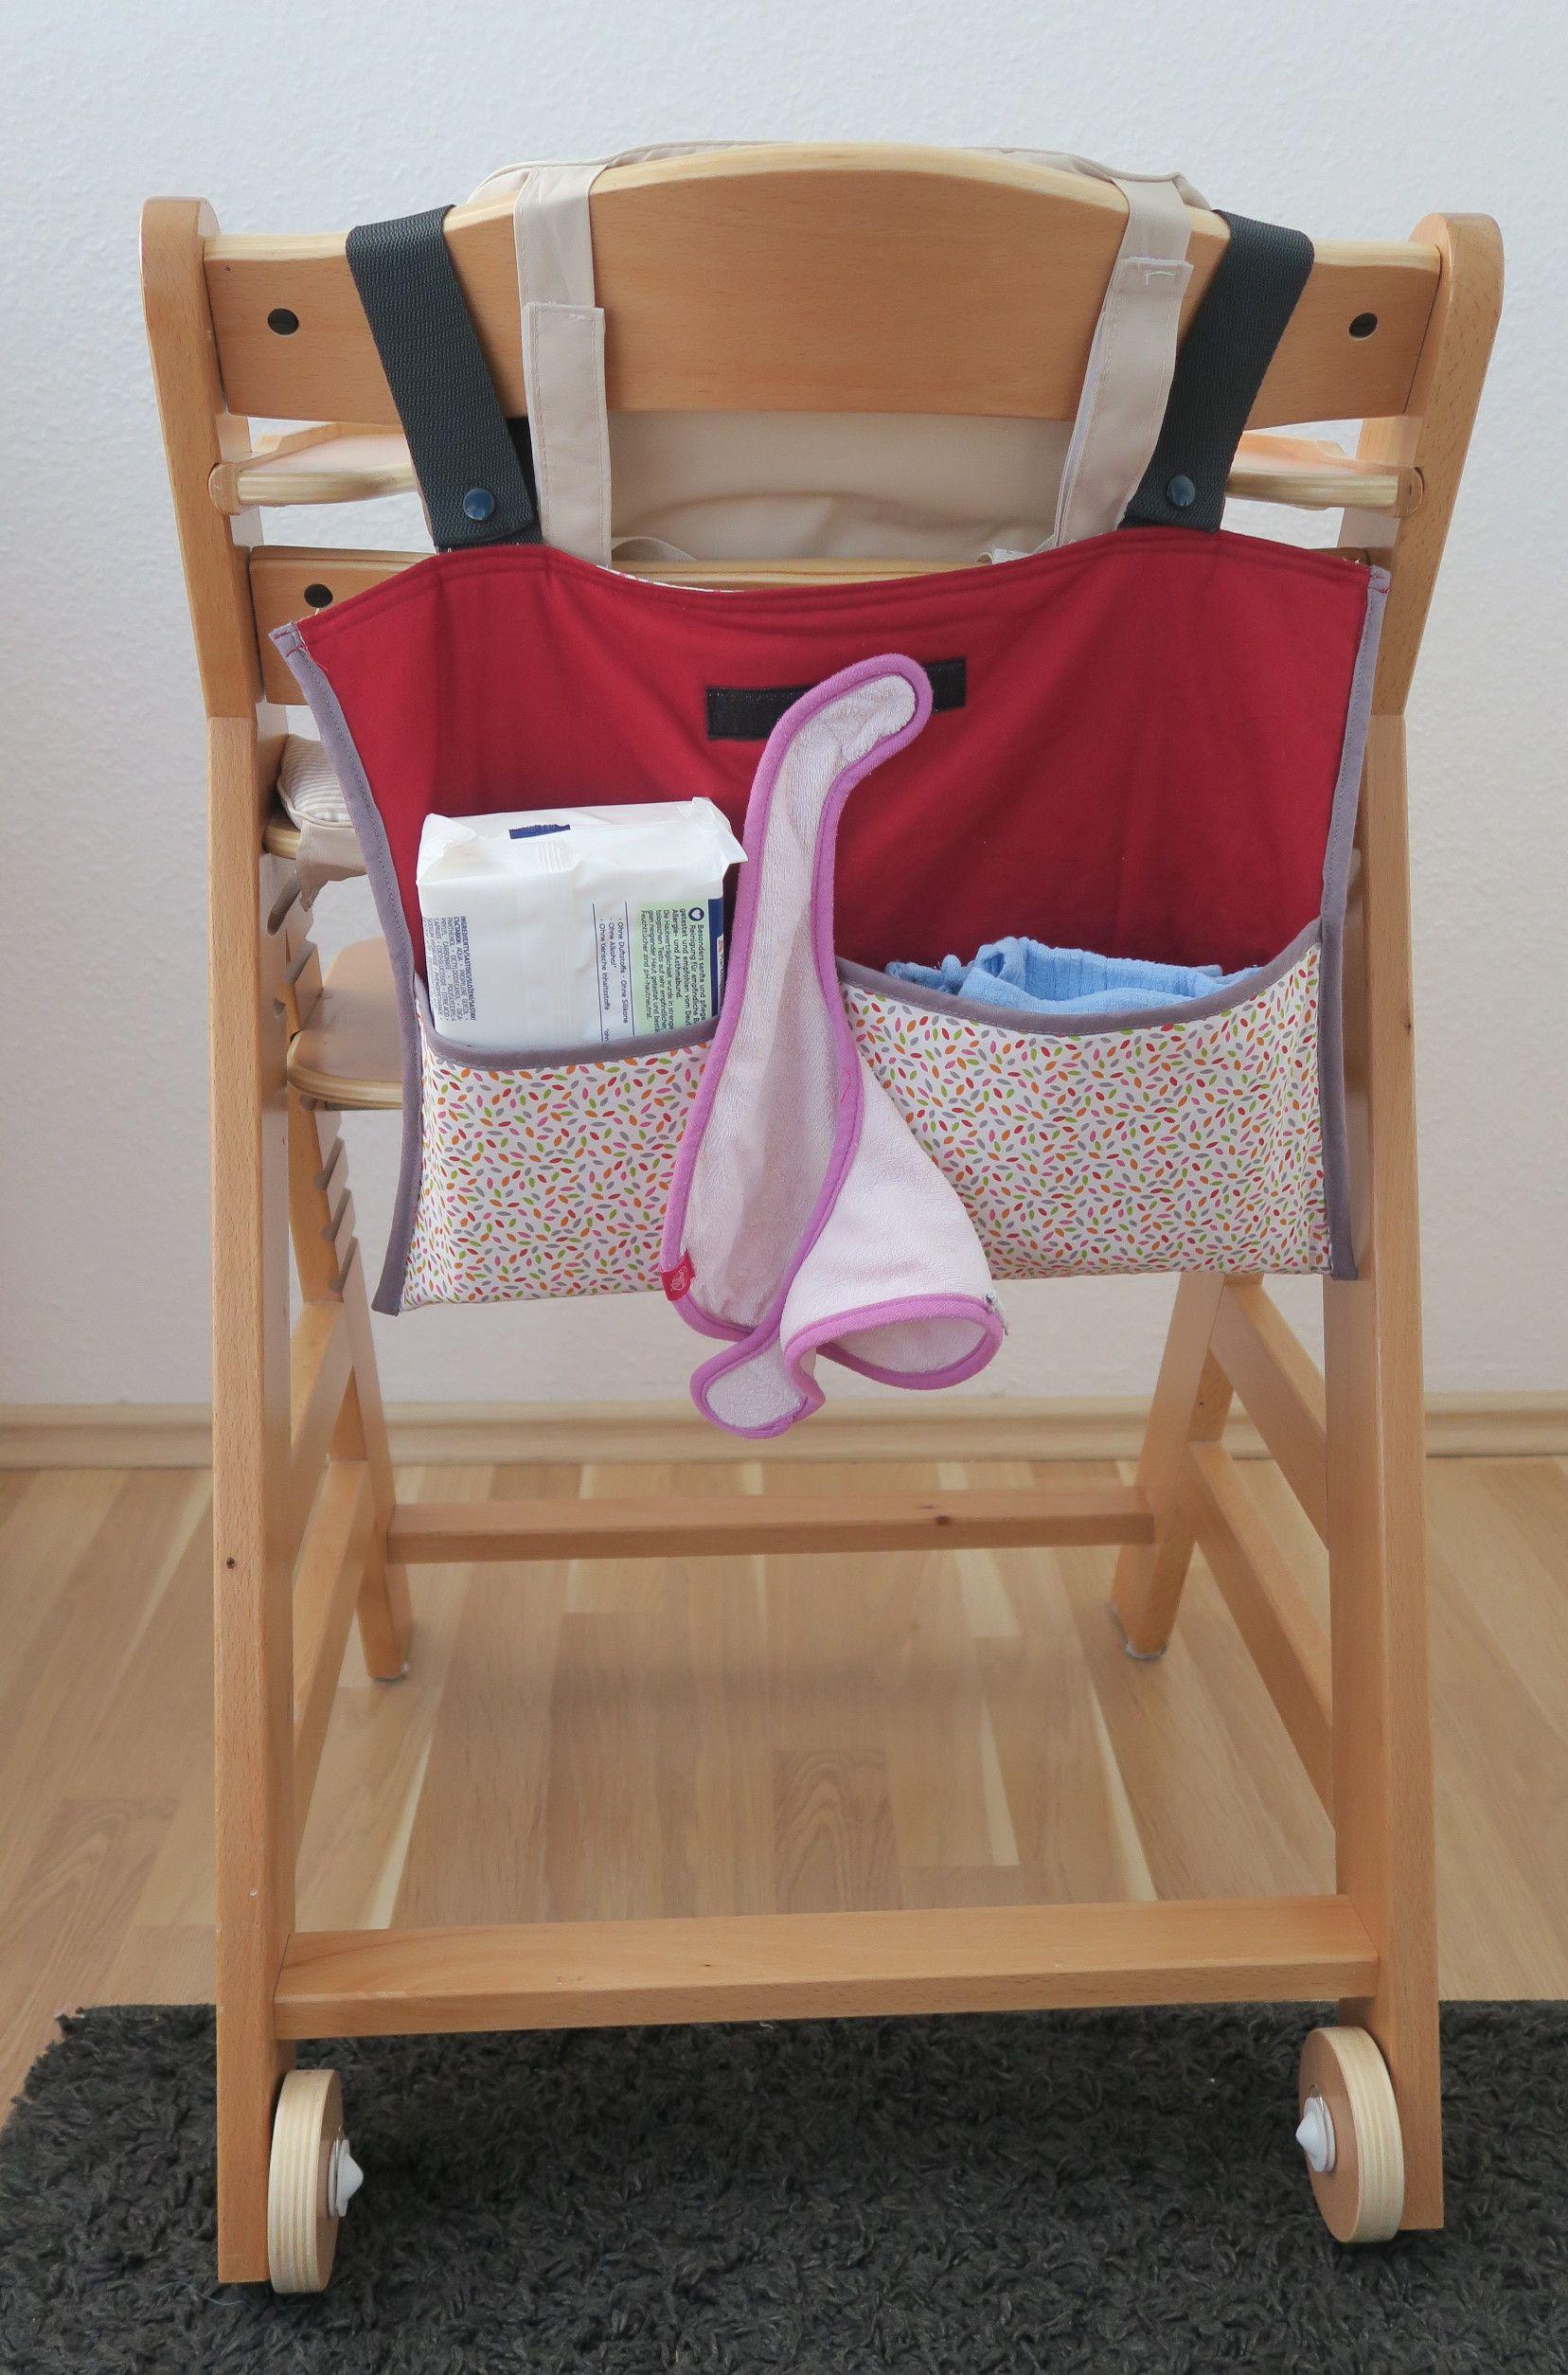 hochstuhl organizer f r die g ngigsten modelle n hanleitung stokke hochstuhl hochst hle und. Black Bedroom Furniture Sets. Home Design Ideas